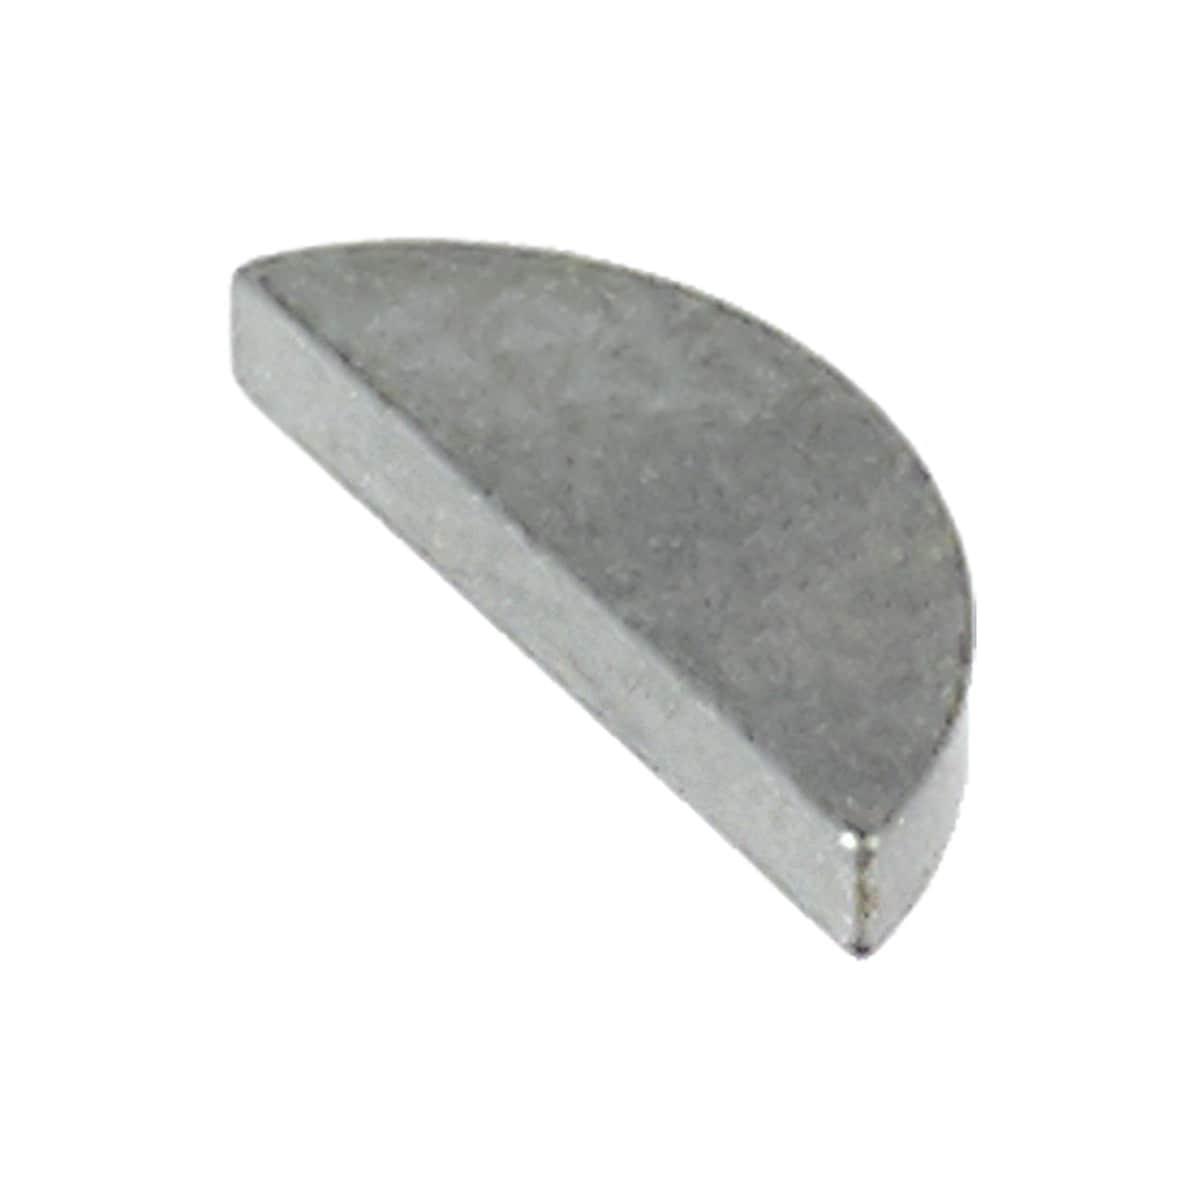 Krysskil 9,54 x 3,65 x 1,57 mm